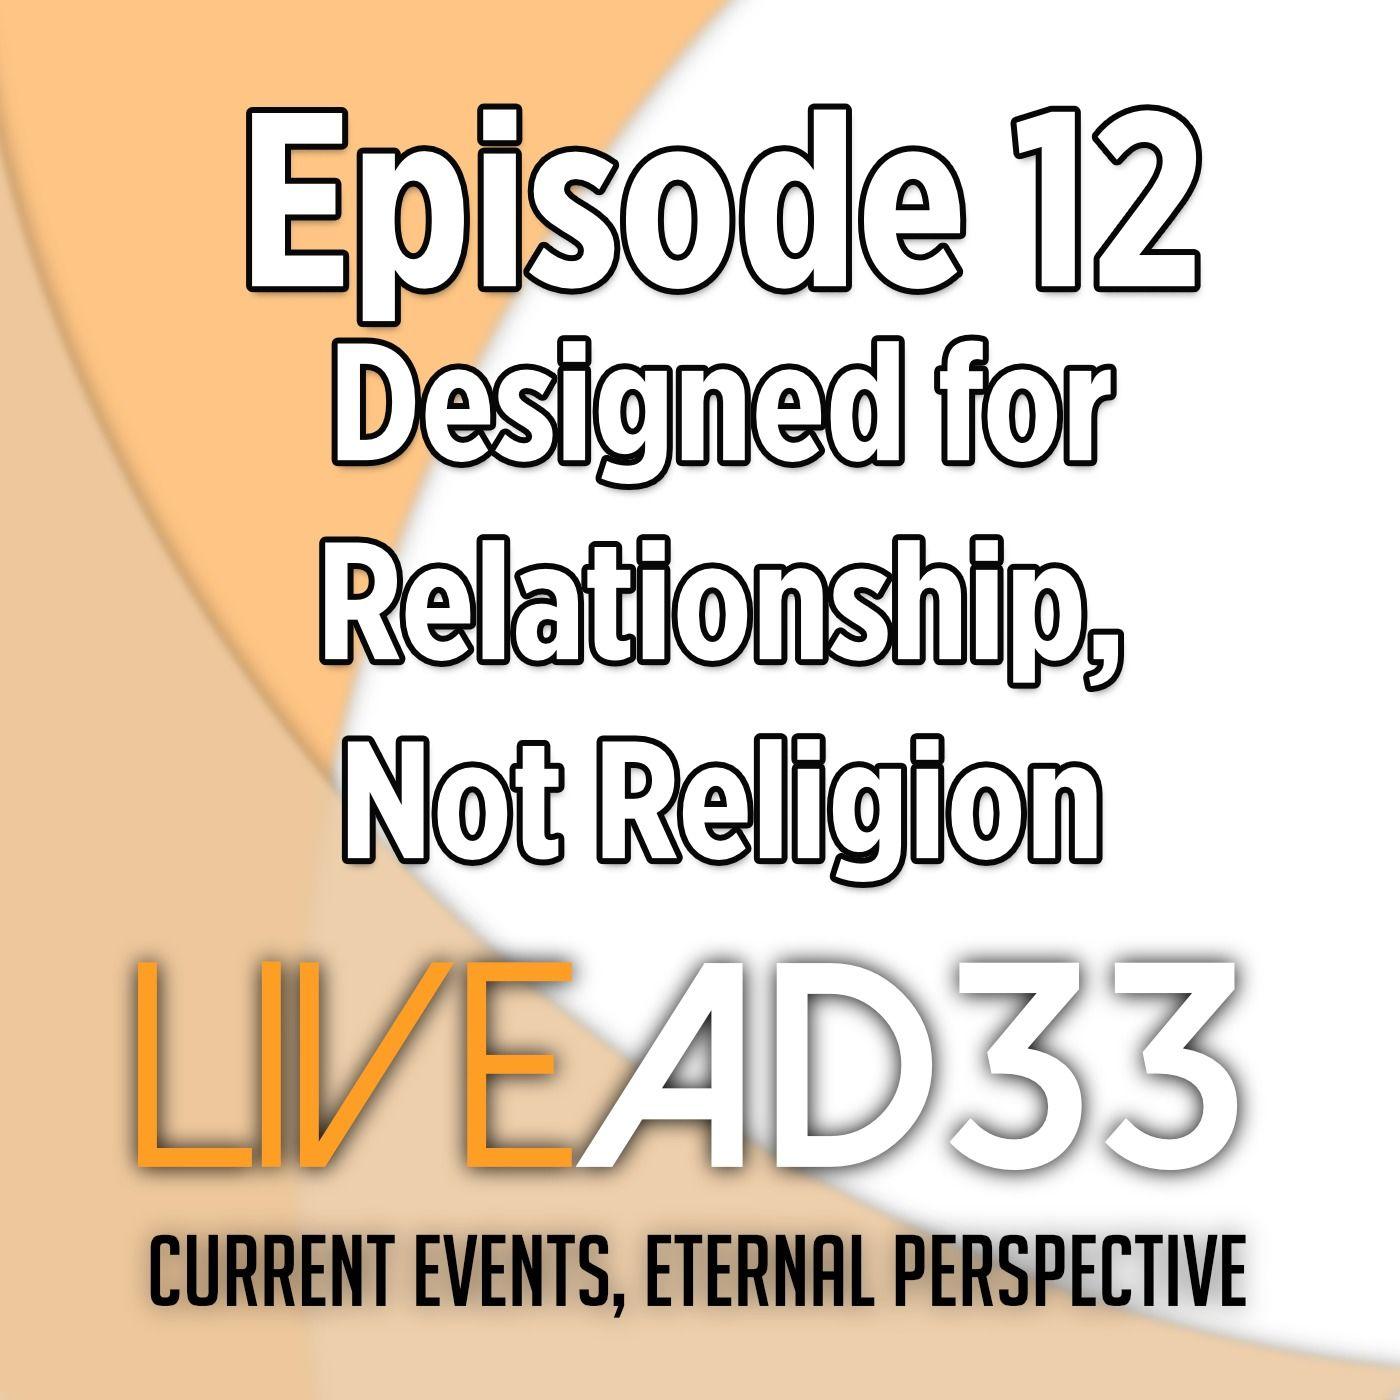 Designed for Relationship, not Religion